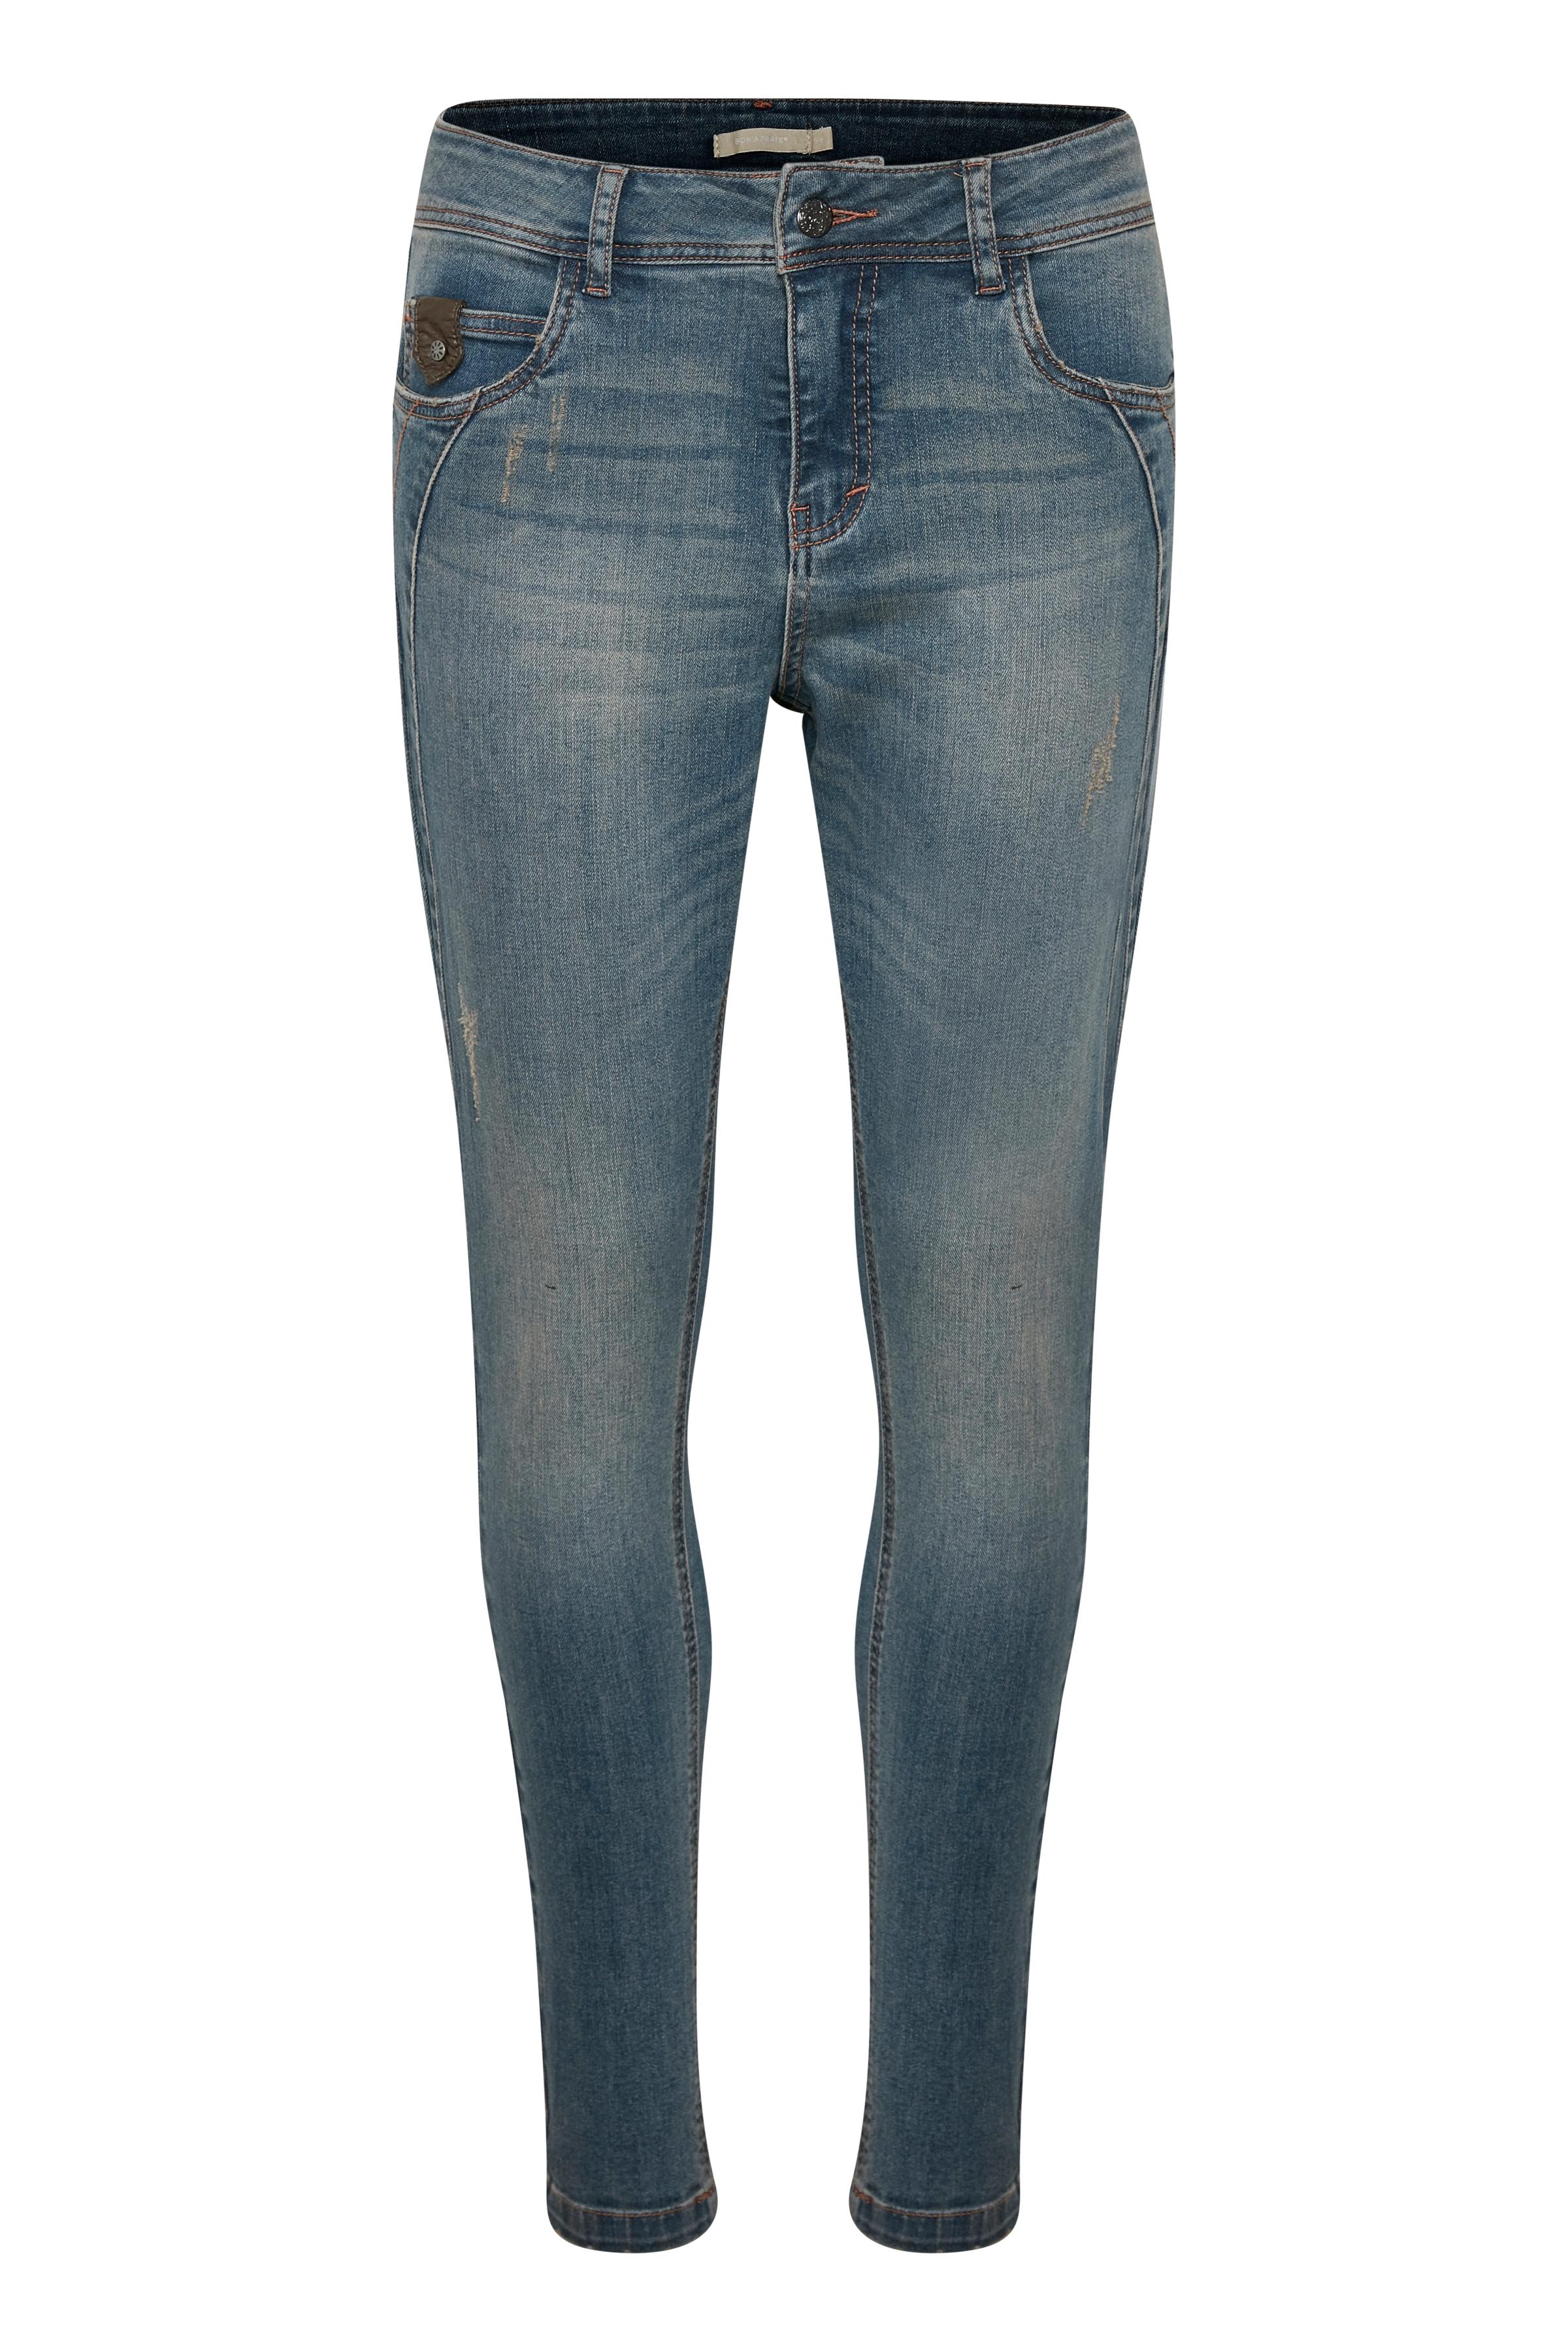 Denimblå Jeans fra Bon'A Parte – Køb Denimblå Jeans fra str. 36-48 her